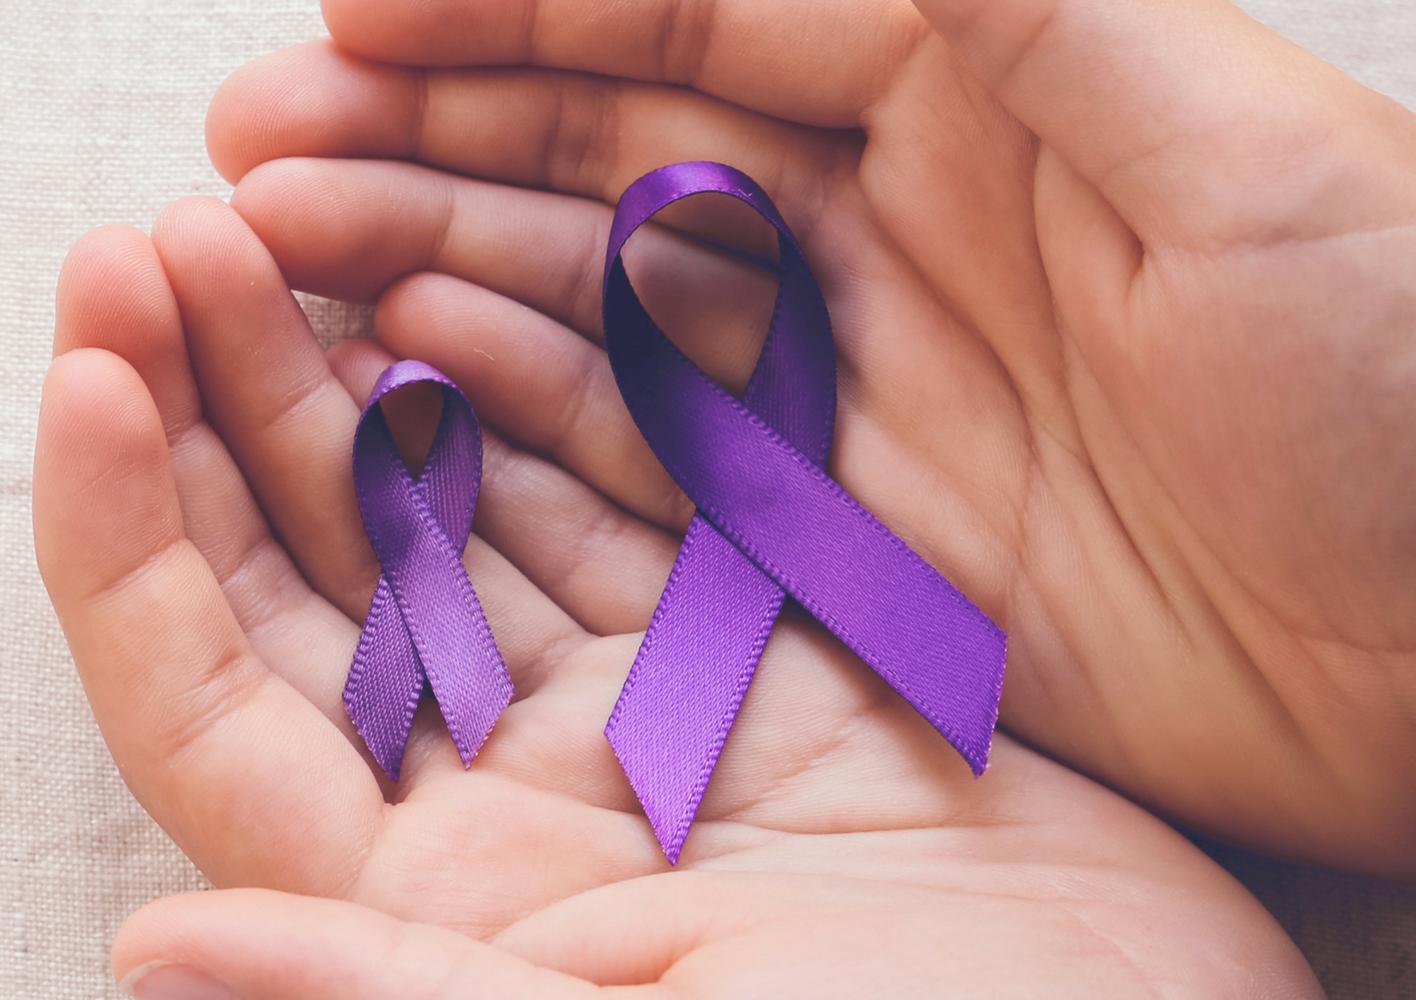 Fibromyalgia Awareness Day Sweepstakes: talk.about.fibro.